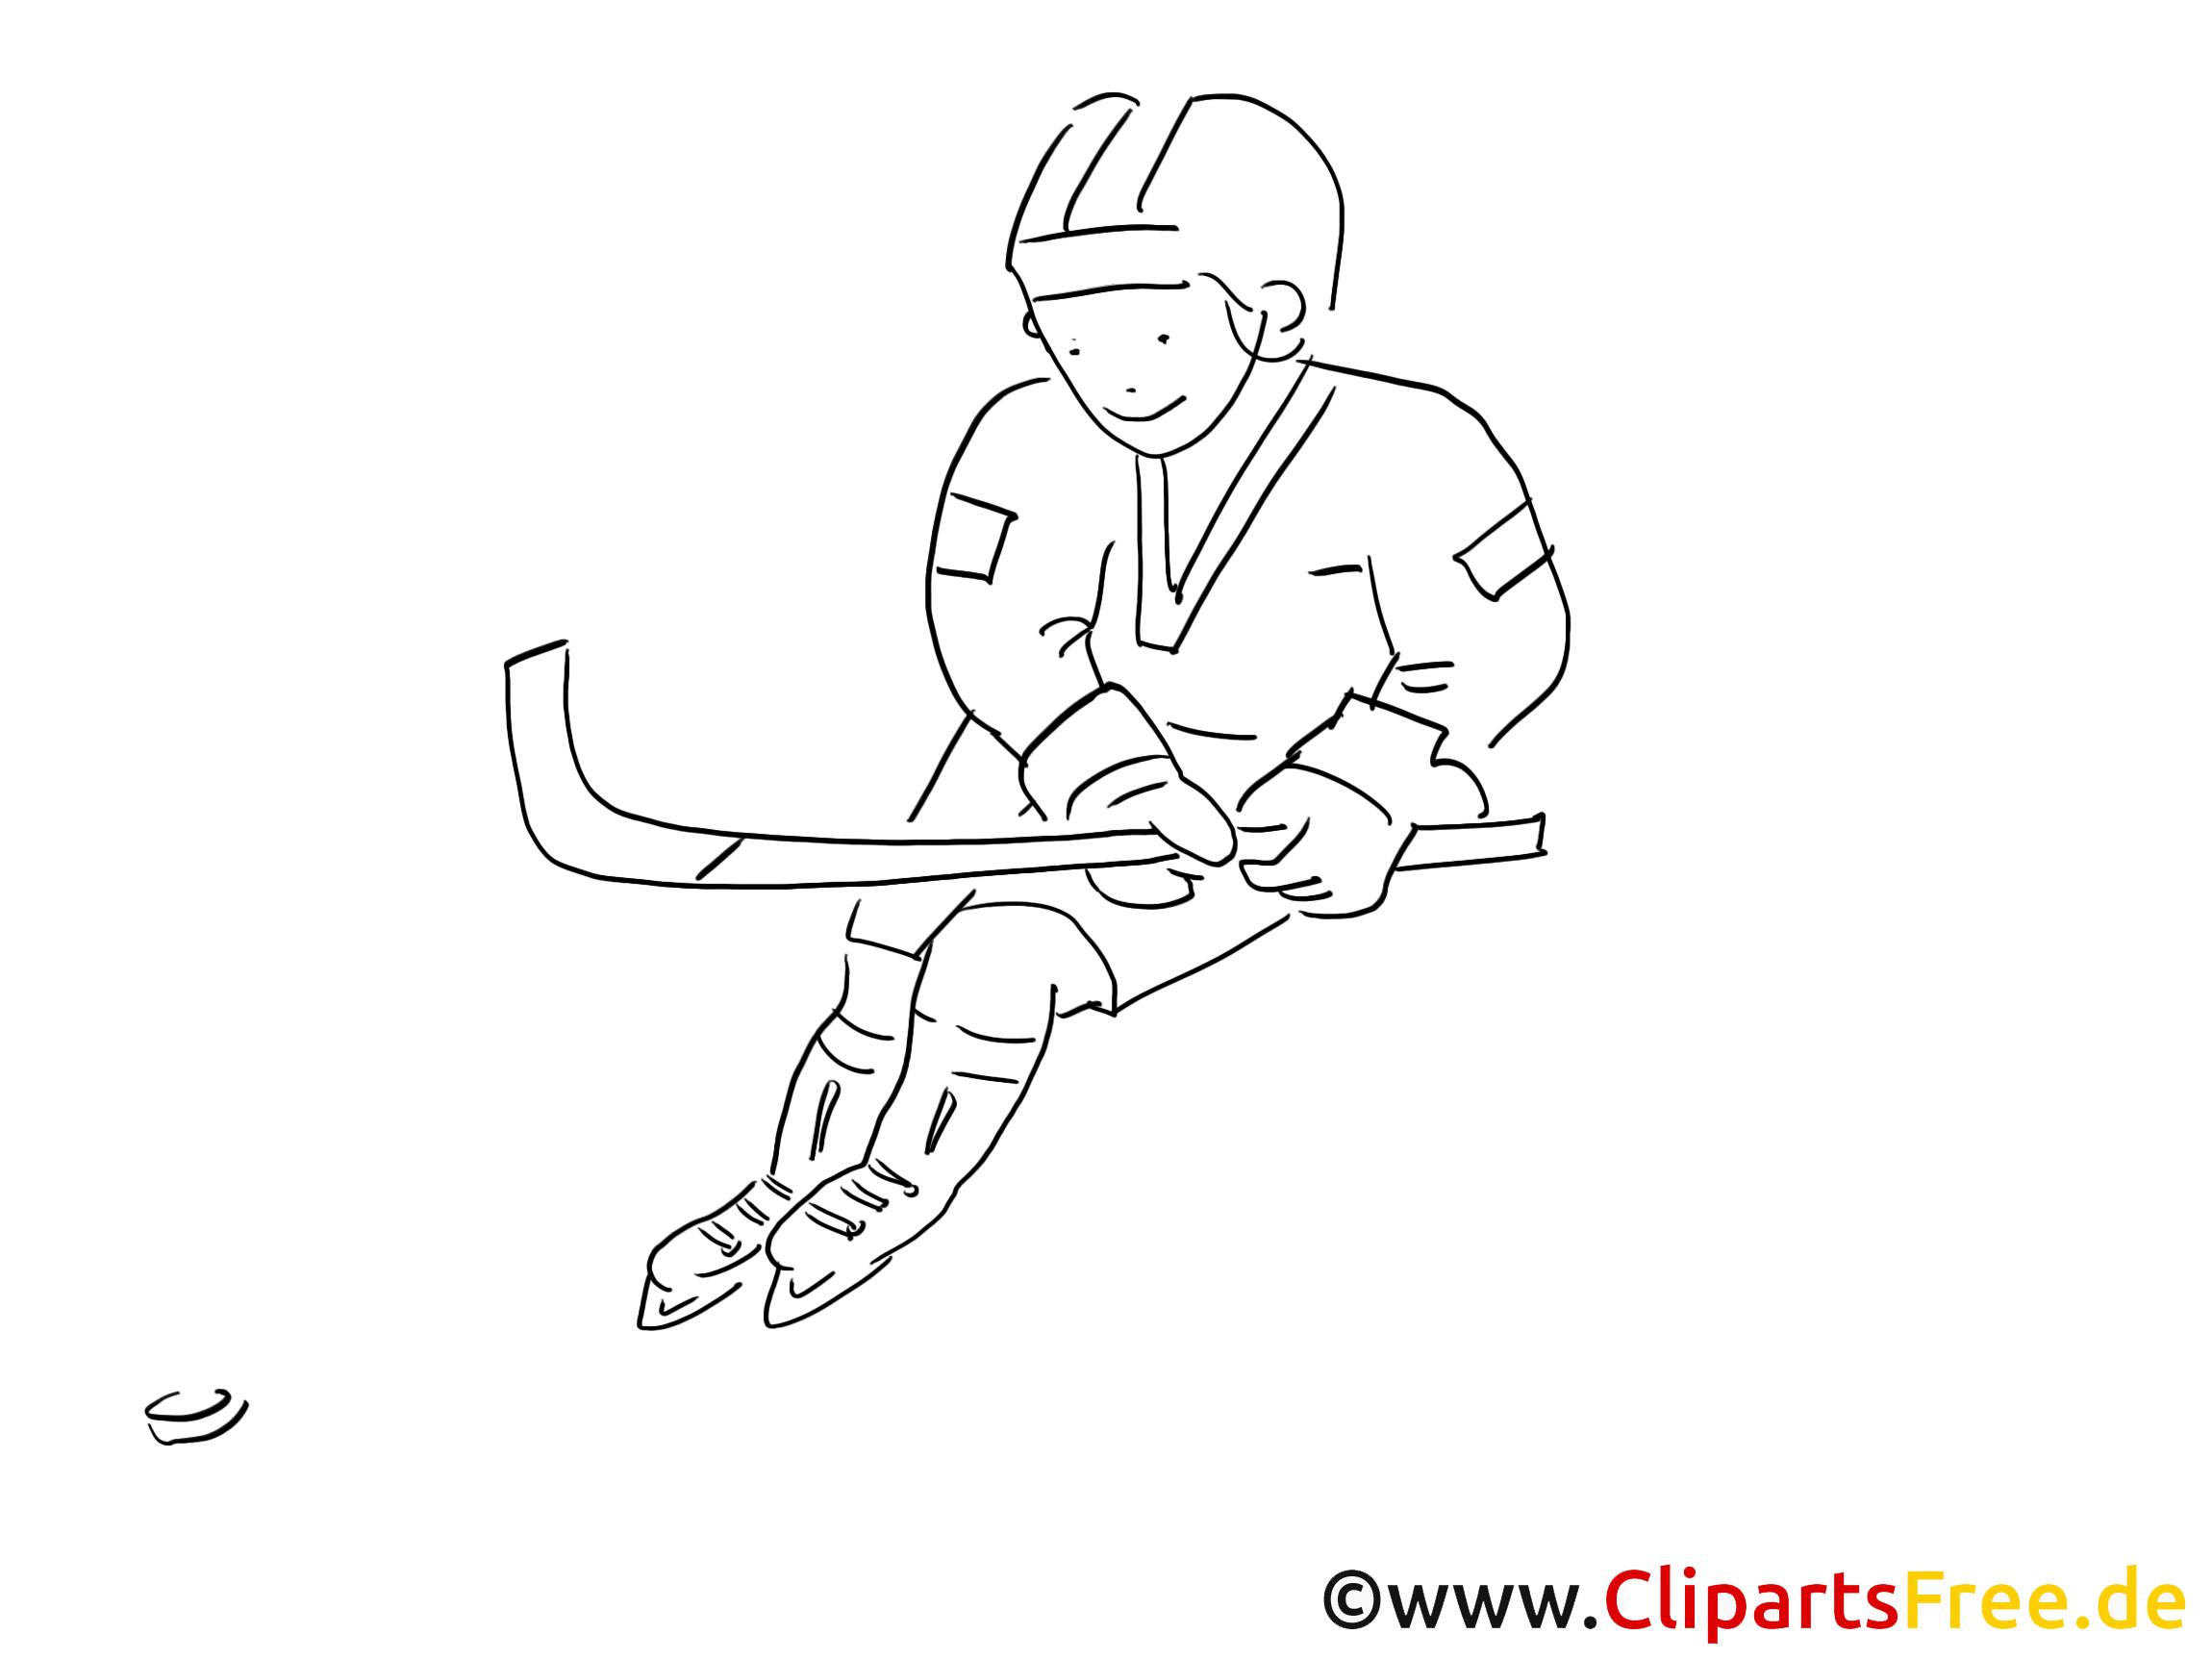 Ausmalbild Eishockey-Spieler zum Ausdrucken und Ausmalen